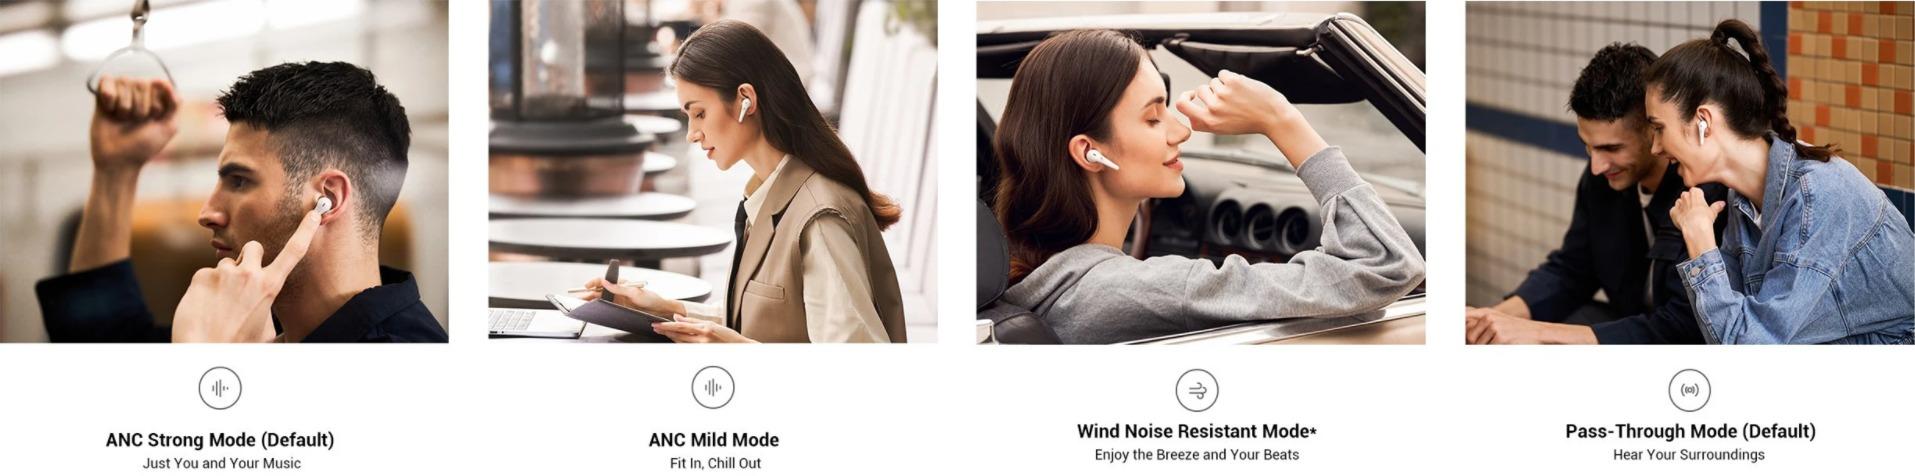 1MORE ComfoBuds Pro TWS fülhallgató teszt 21